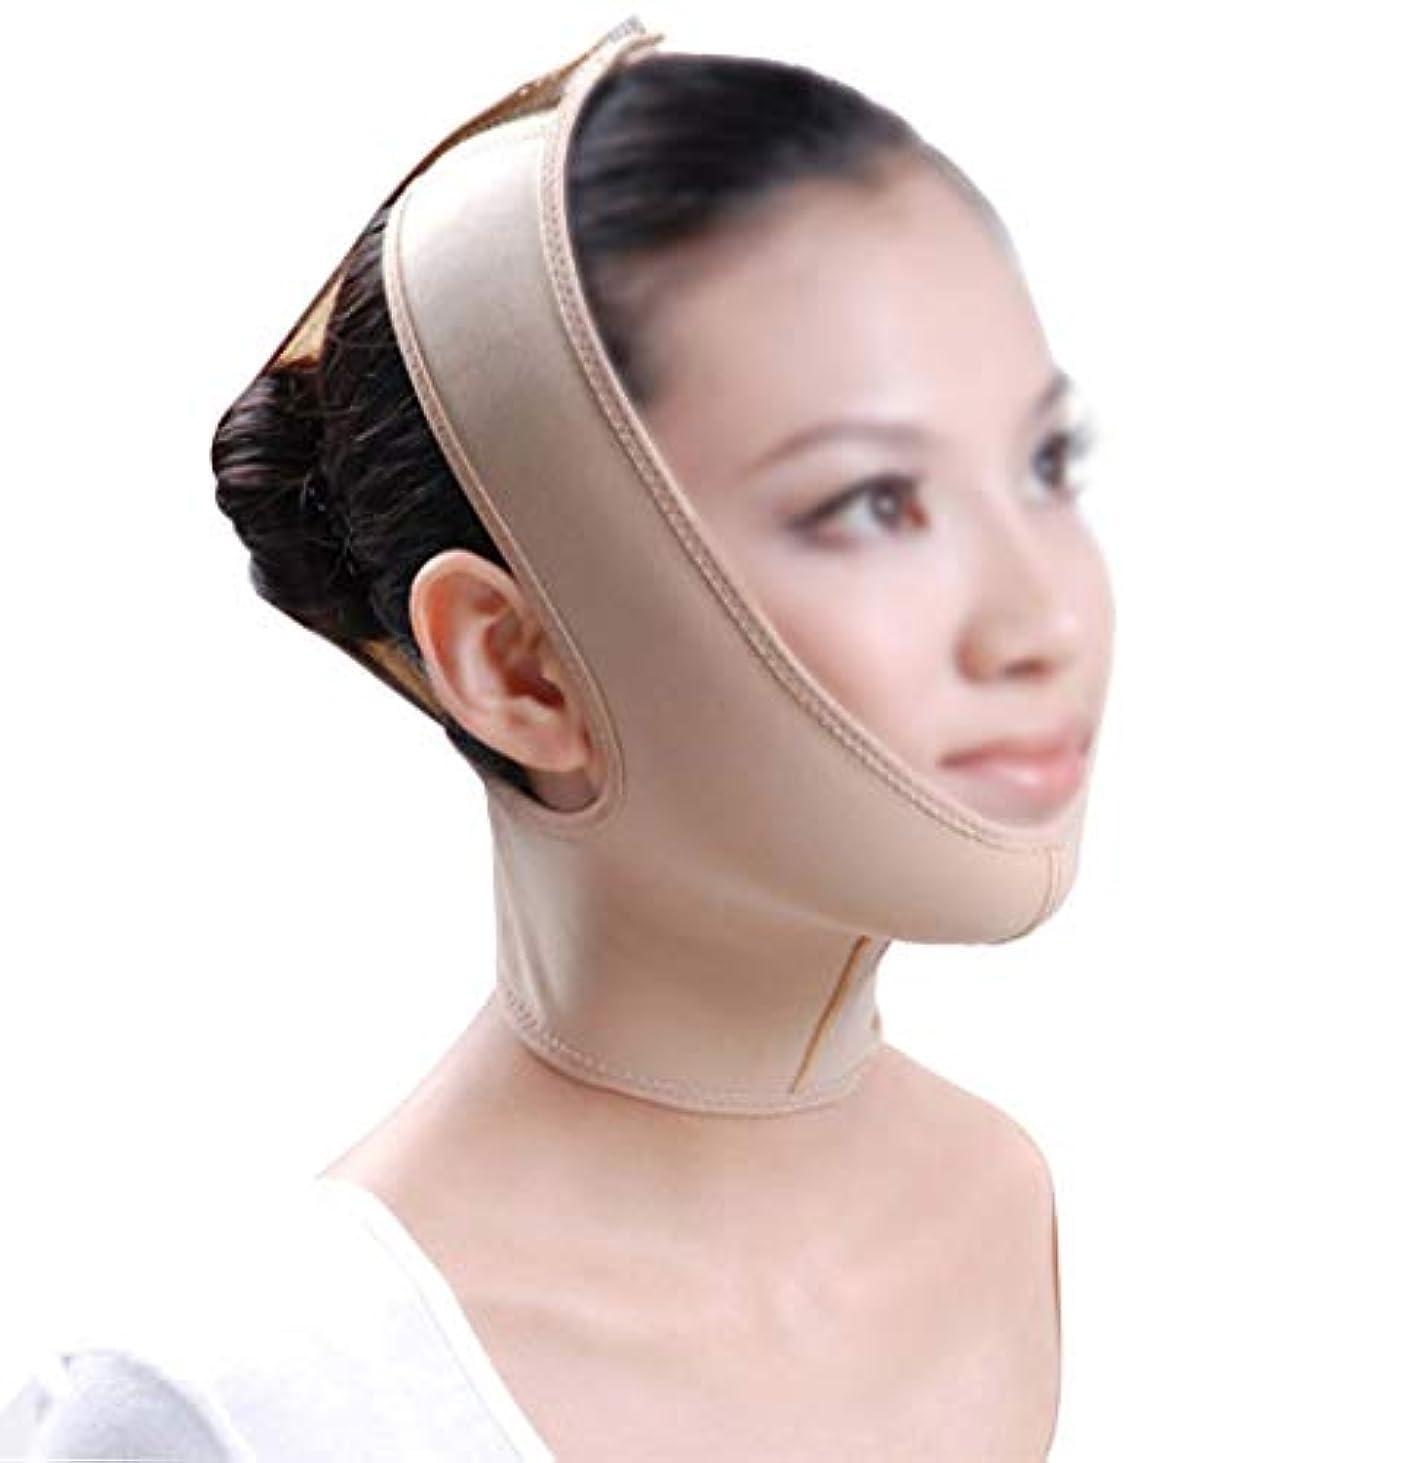 拷問オーナメントリラックスGLJJQMY 引き締めマスクマスク強力なフェイスリフティングリハビリ弾性フェイスリフティング引き締め首あご整形リハビリチンスリーブ 顔用整形マスク (Size : XL)